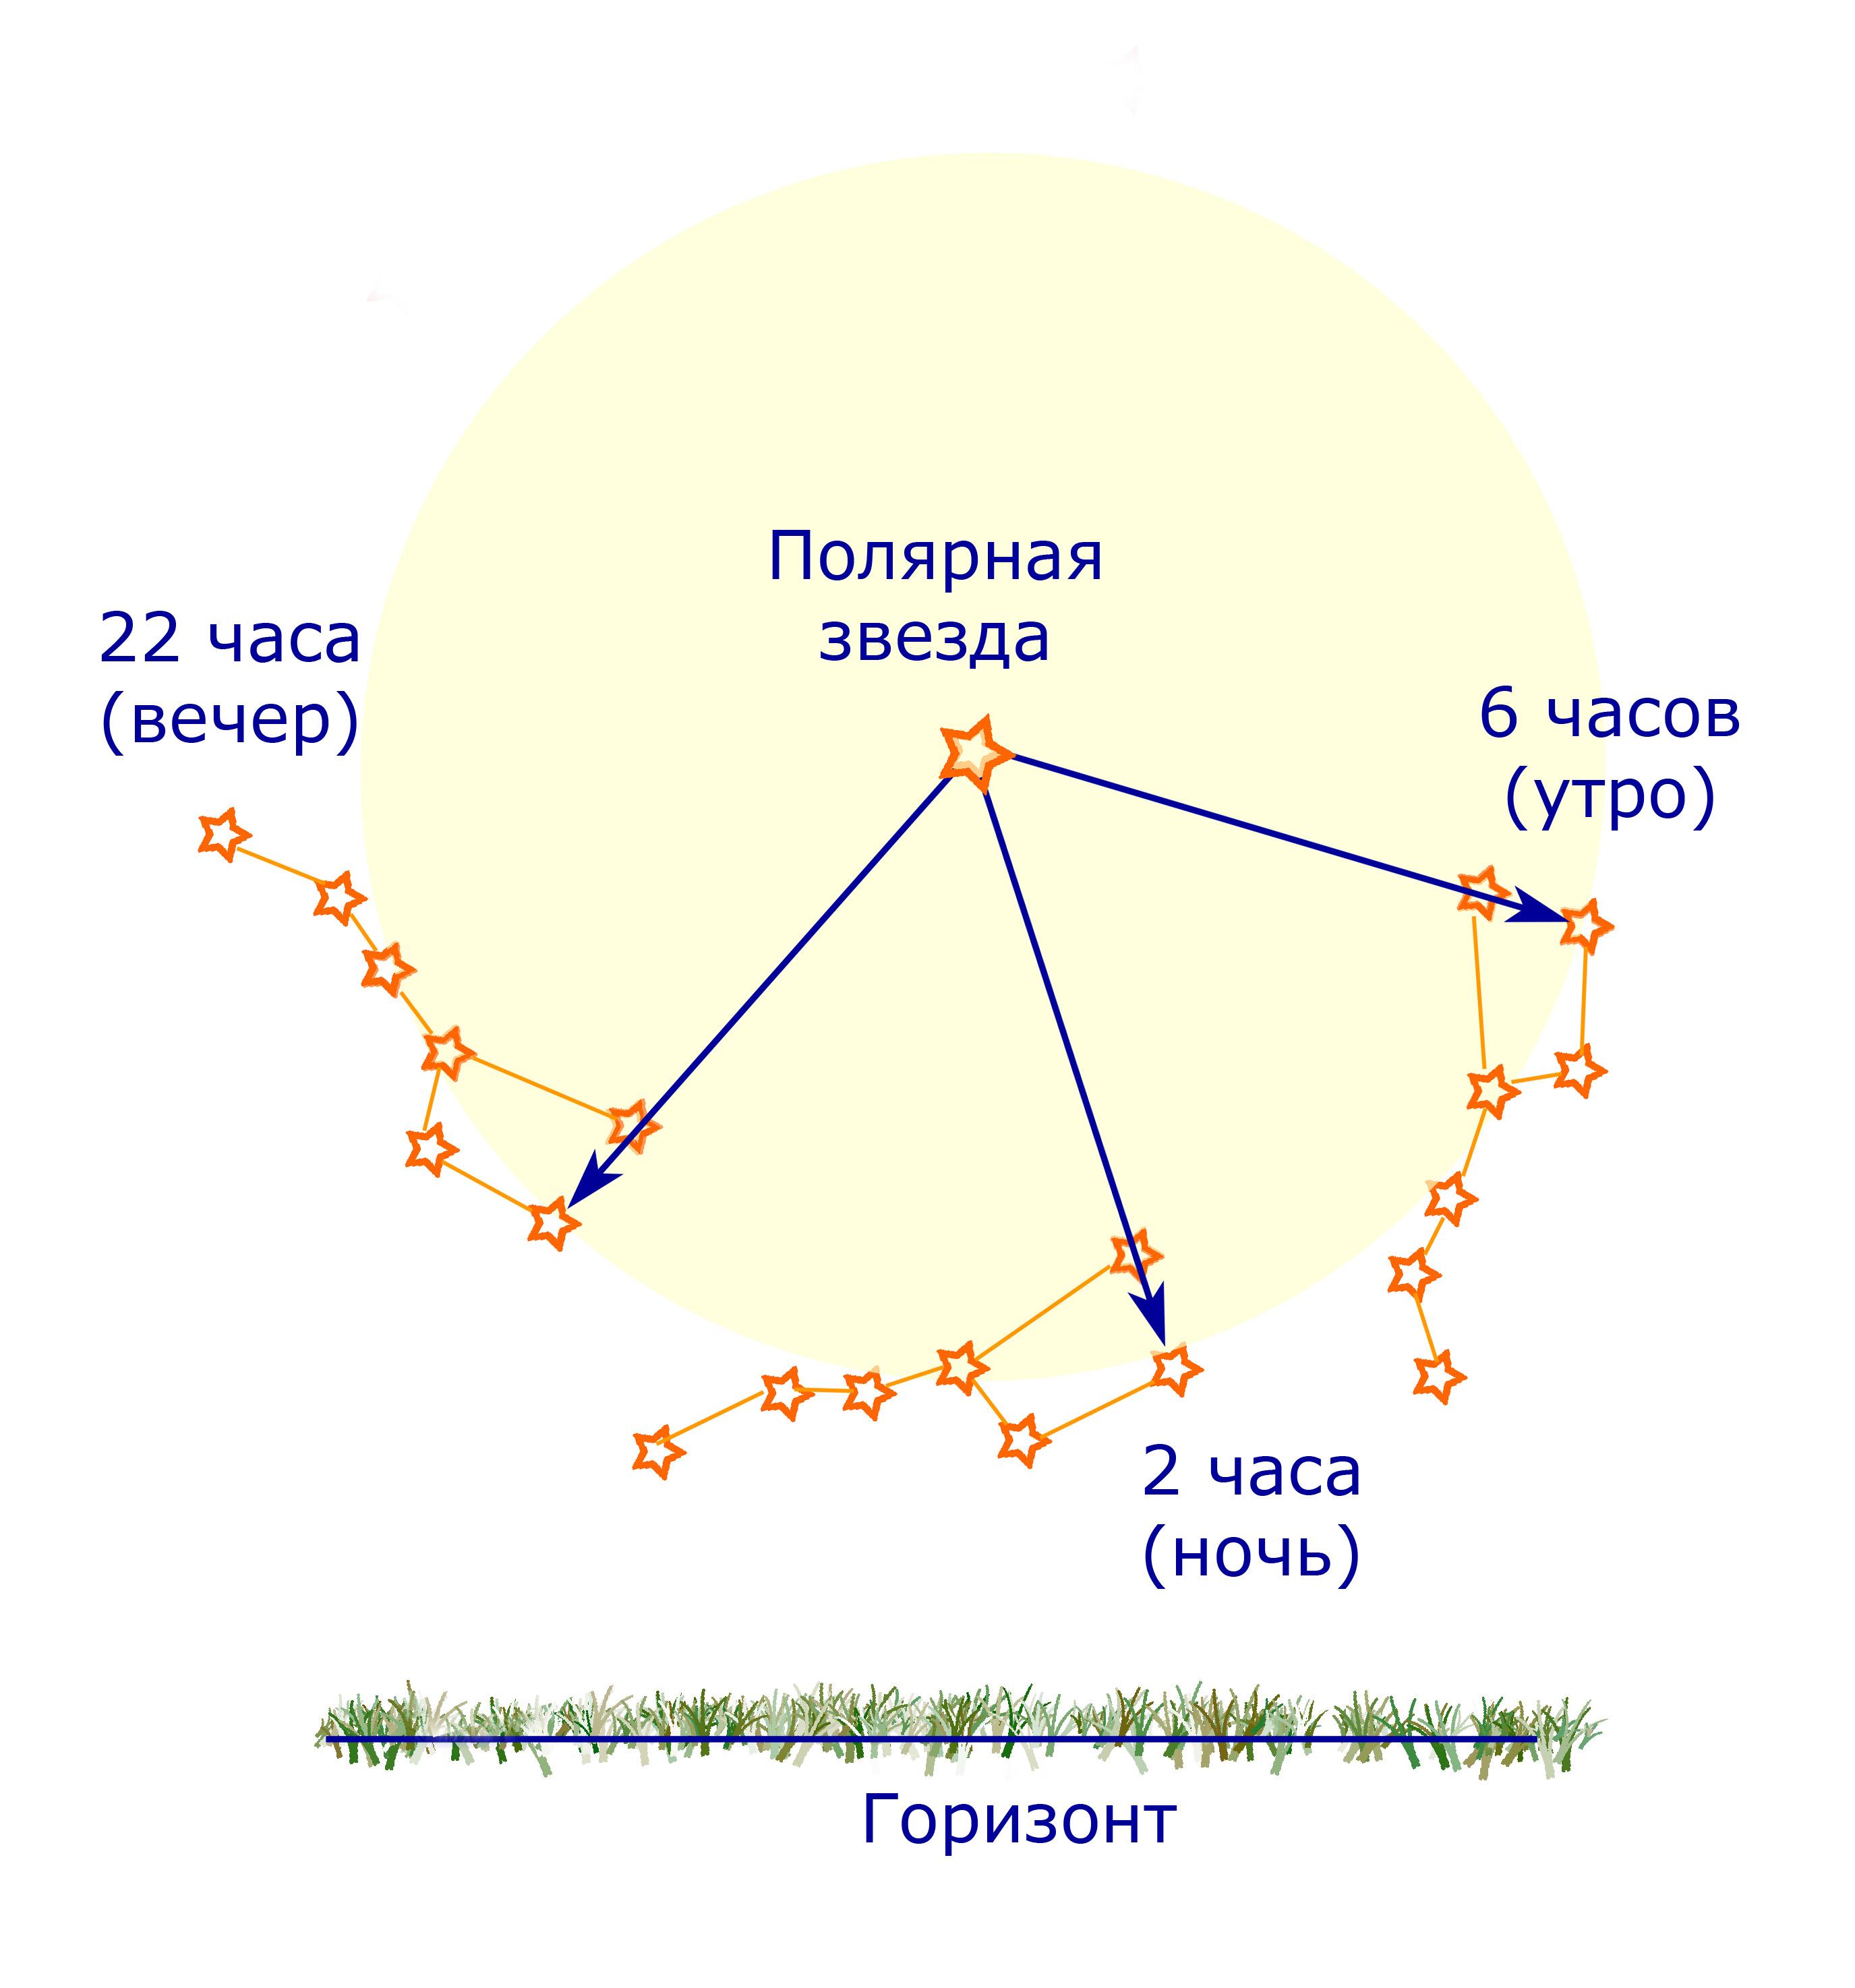 Почему не движется полярная звезда